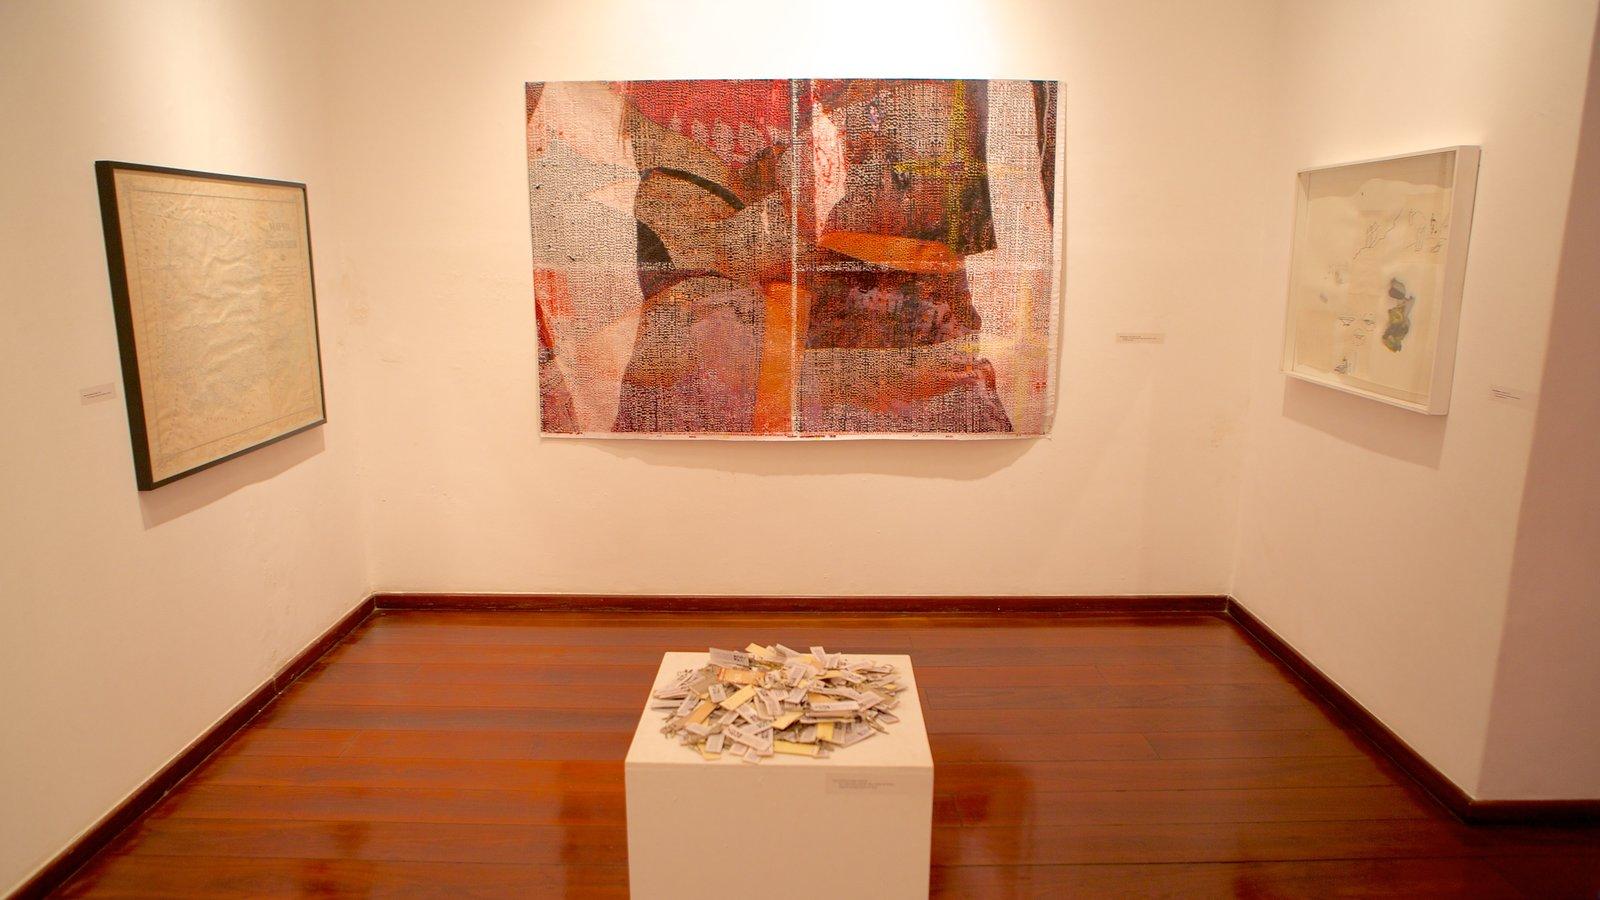 Museu de Arte Contemporânea mostrando arte e vistas internas